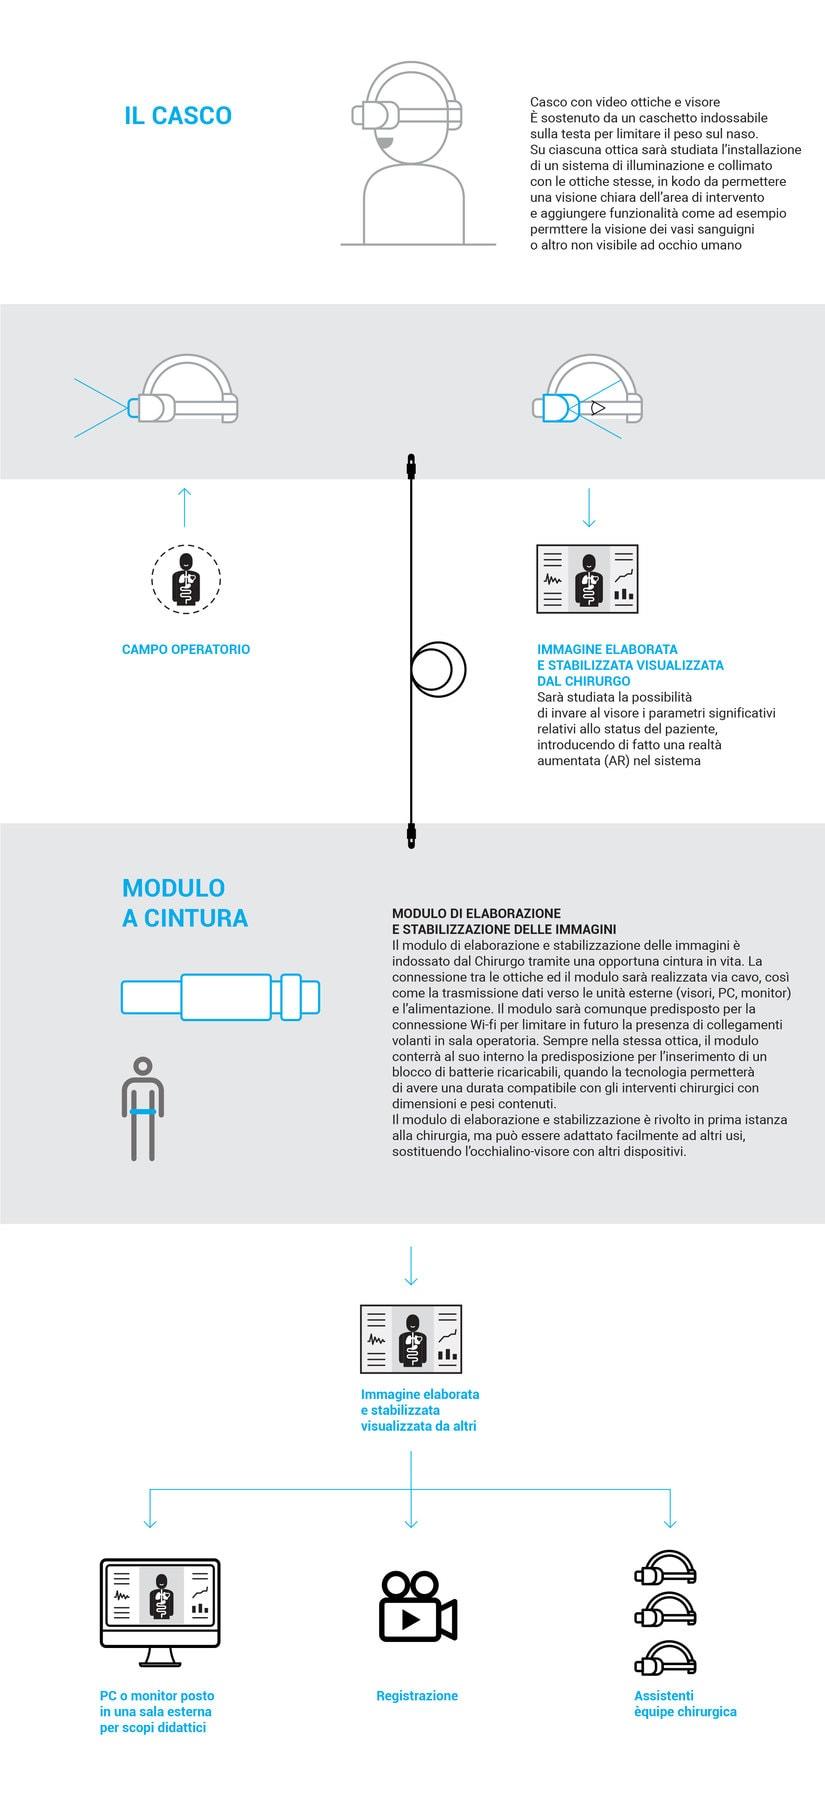 Ultravista_visore-stabilizzato_info